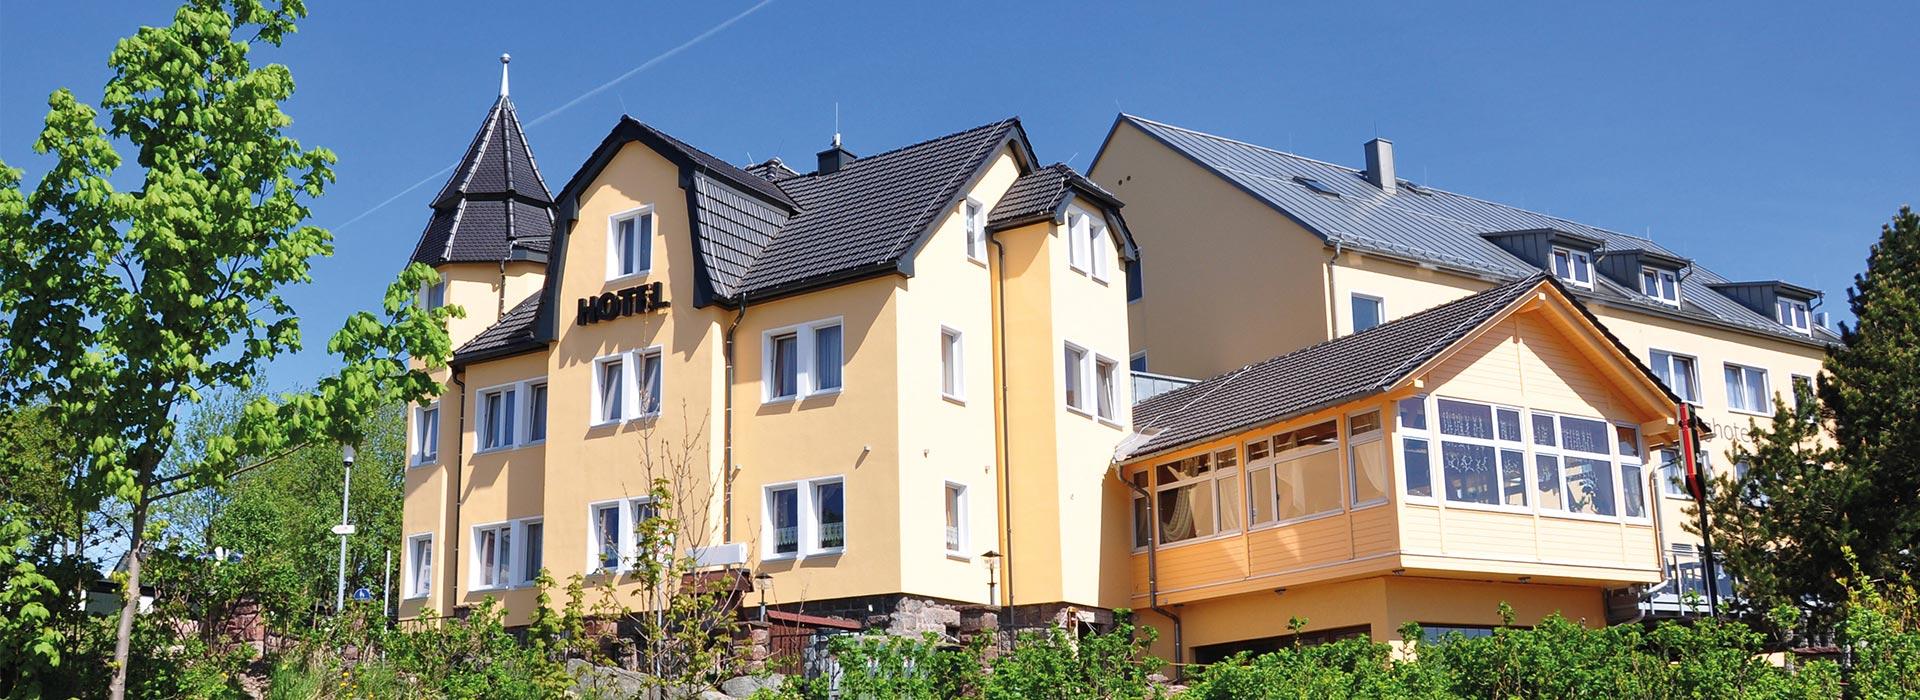 Schlossberghotel Oberhof Thüringen Ansicht außen im Sommer